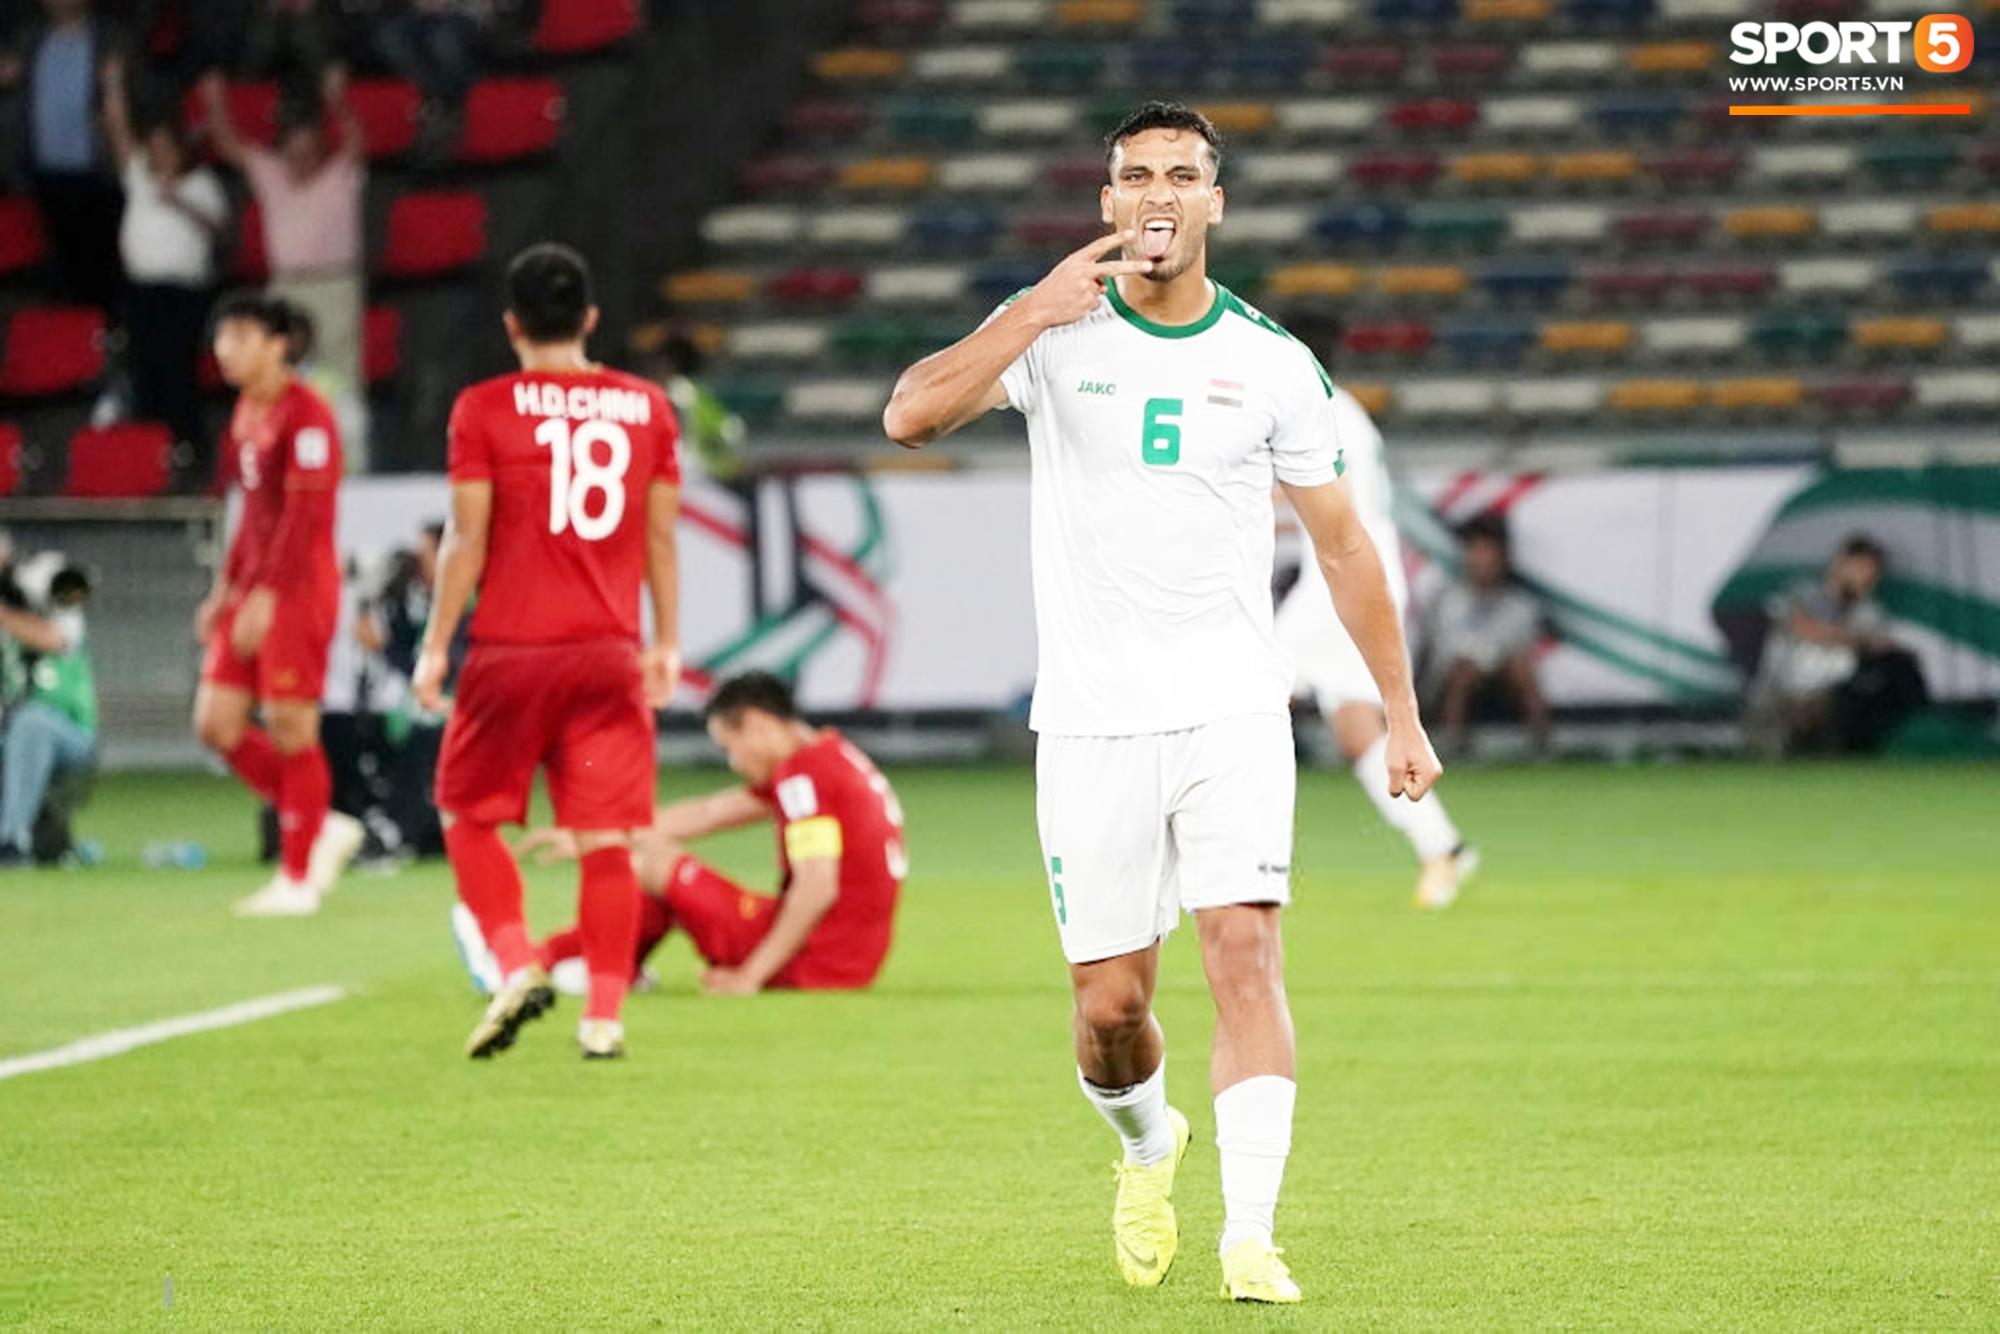 Nóng: Nguyên dàn cầu thủ Iraq từng thắng Việt Nam tại Asian Cup gặp họa lớn, đối mặt với án cấm thi đấu vì lý do này - Ảnh 2.